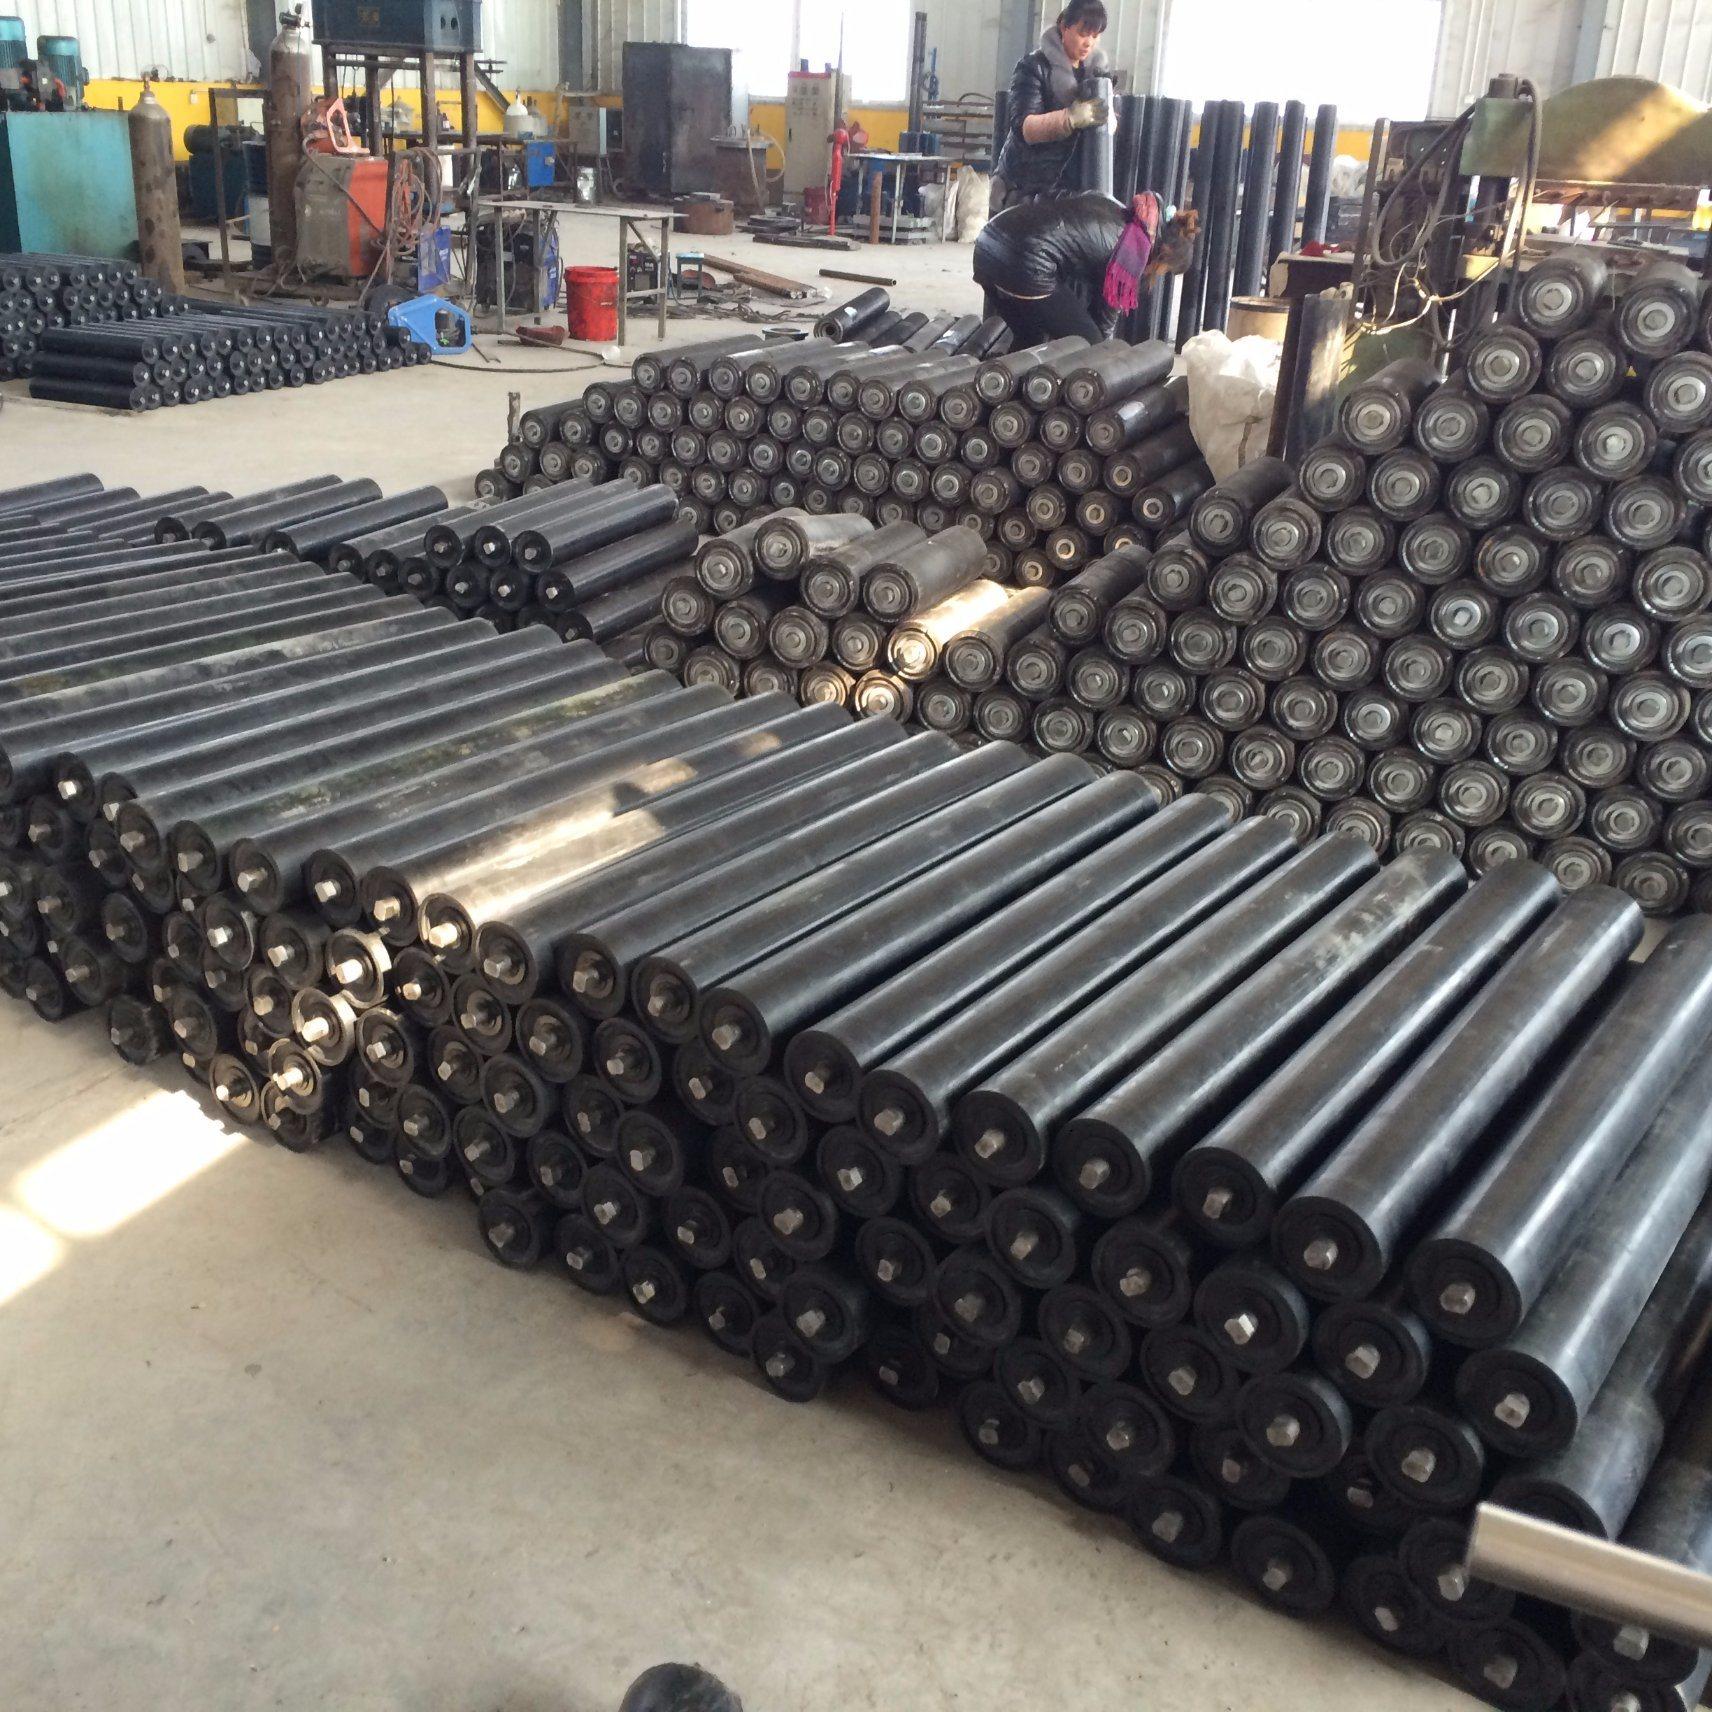 Tfp Conveyor Idler for Conveyor System